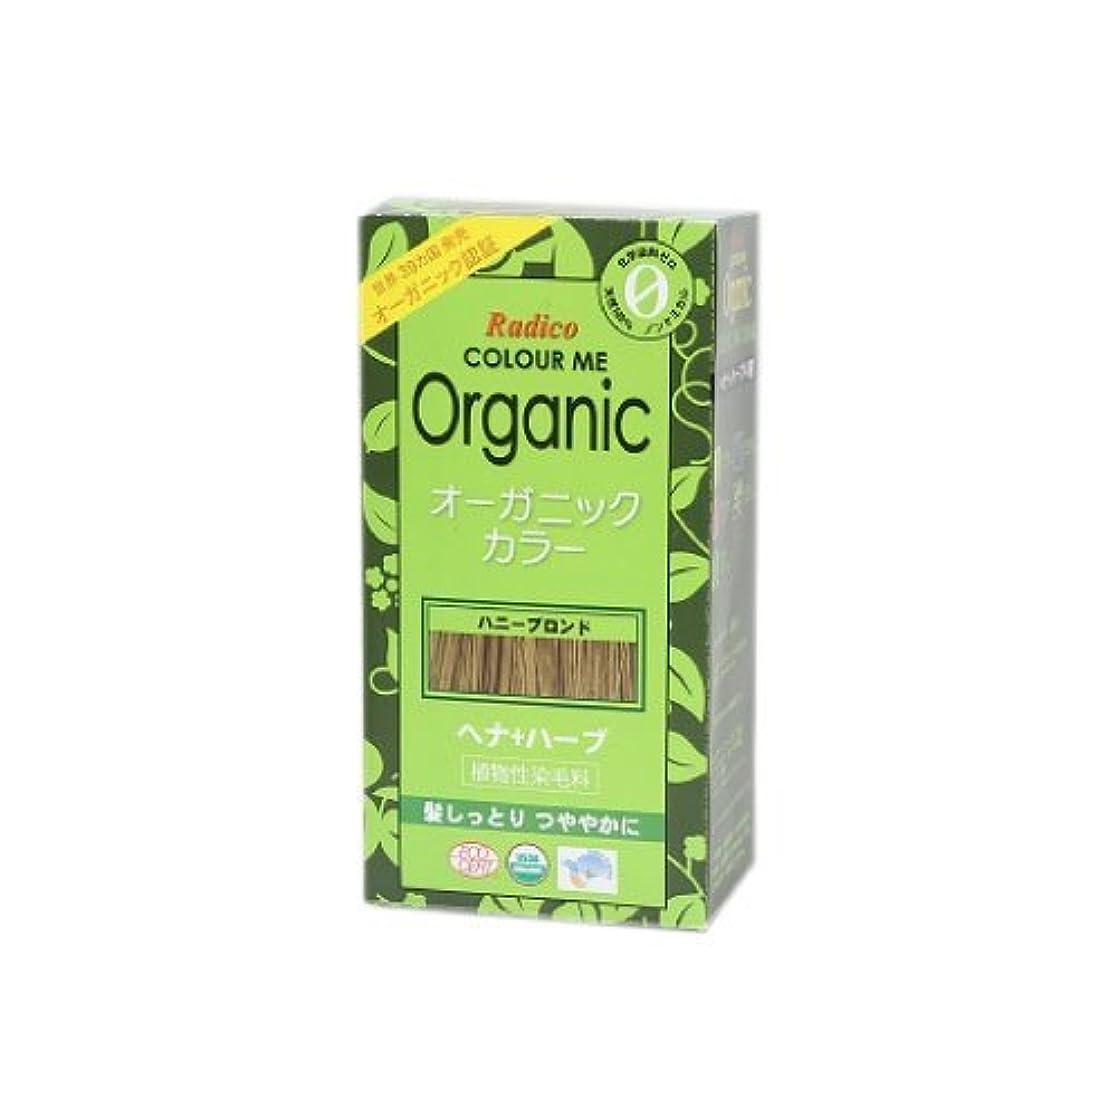 起訴すると風COLOURME Organic (カラーミーオーガニック ヘナ 白髪用) ハニーブロンド 100g